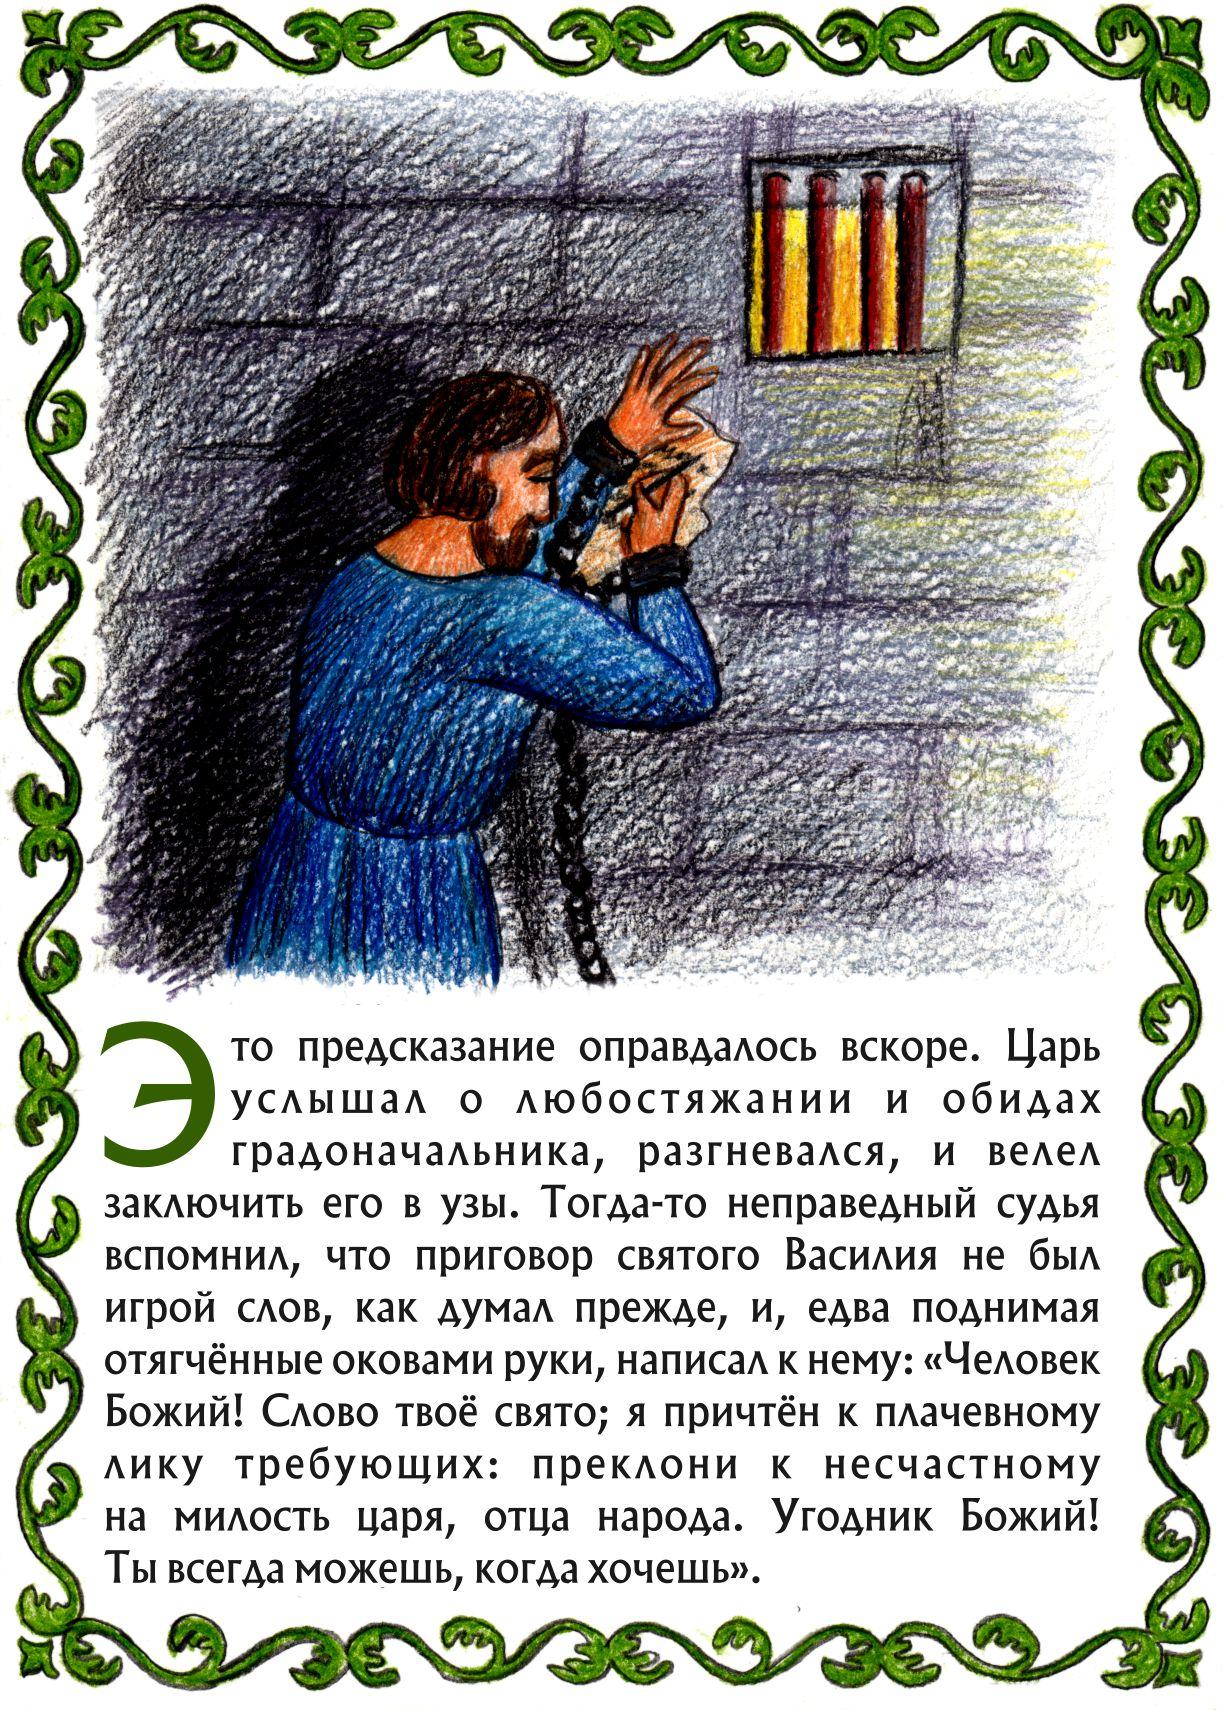 nvv 4 - Незлобие Василия Великого